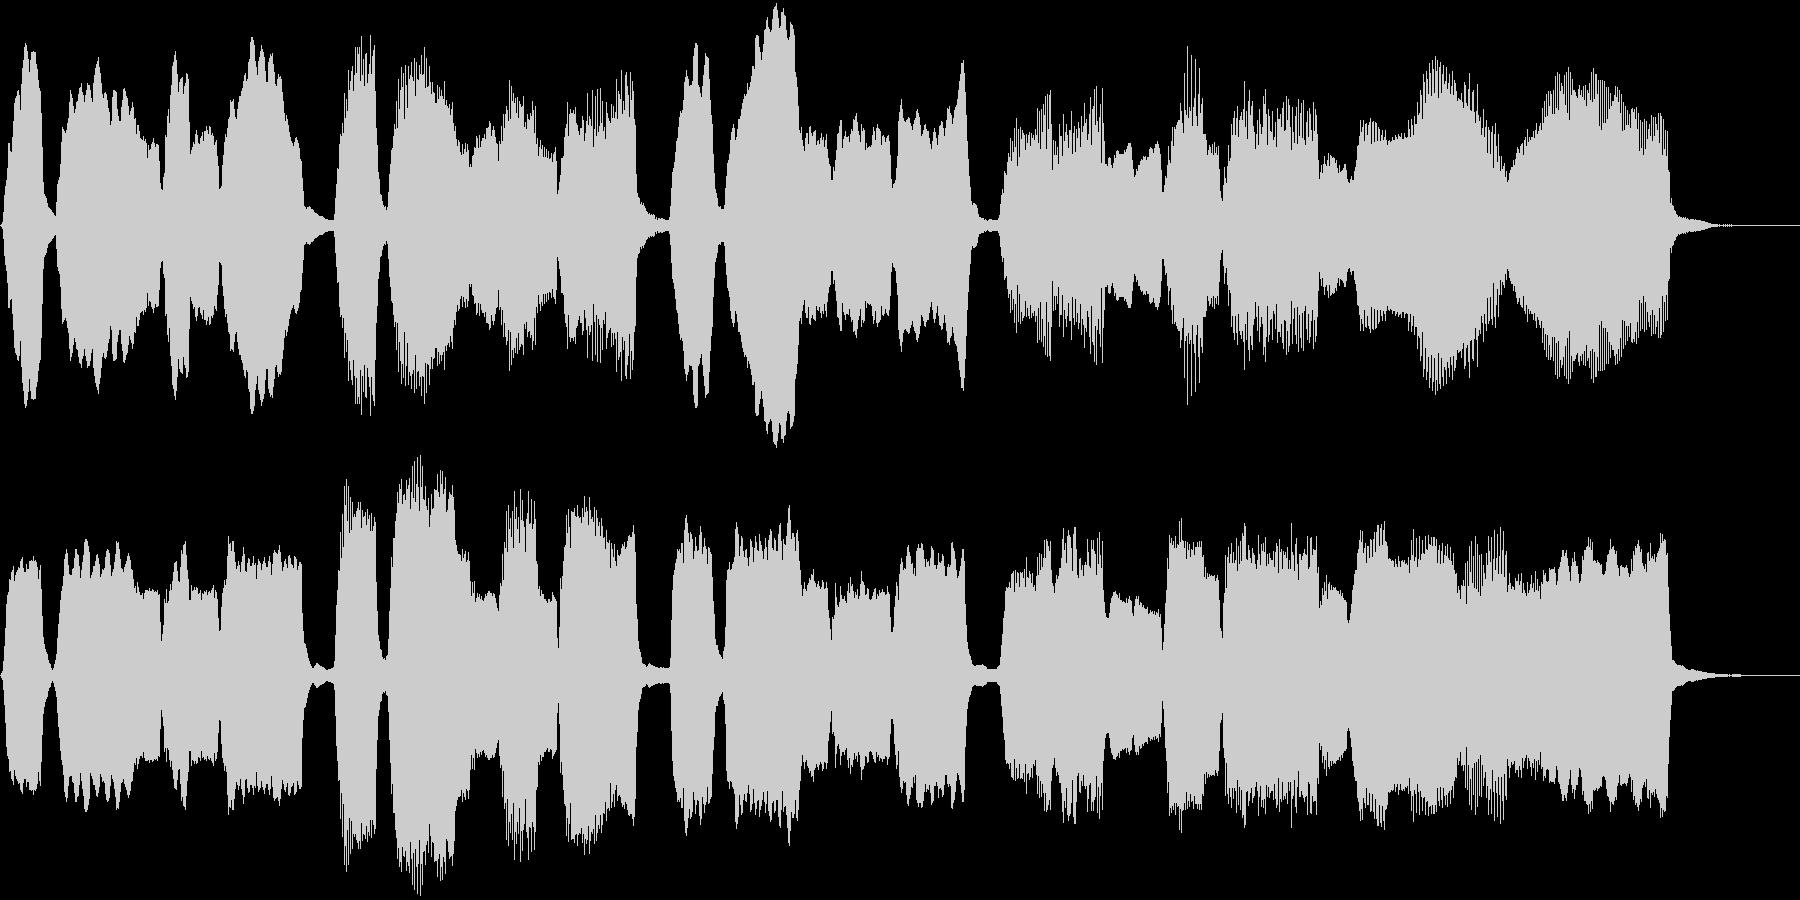 パイプオルガン独奏落ち着いた小曲バッハ風の未再生の波形